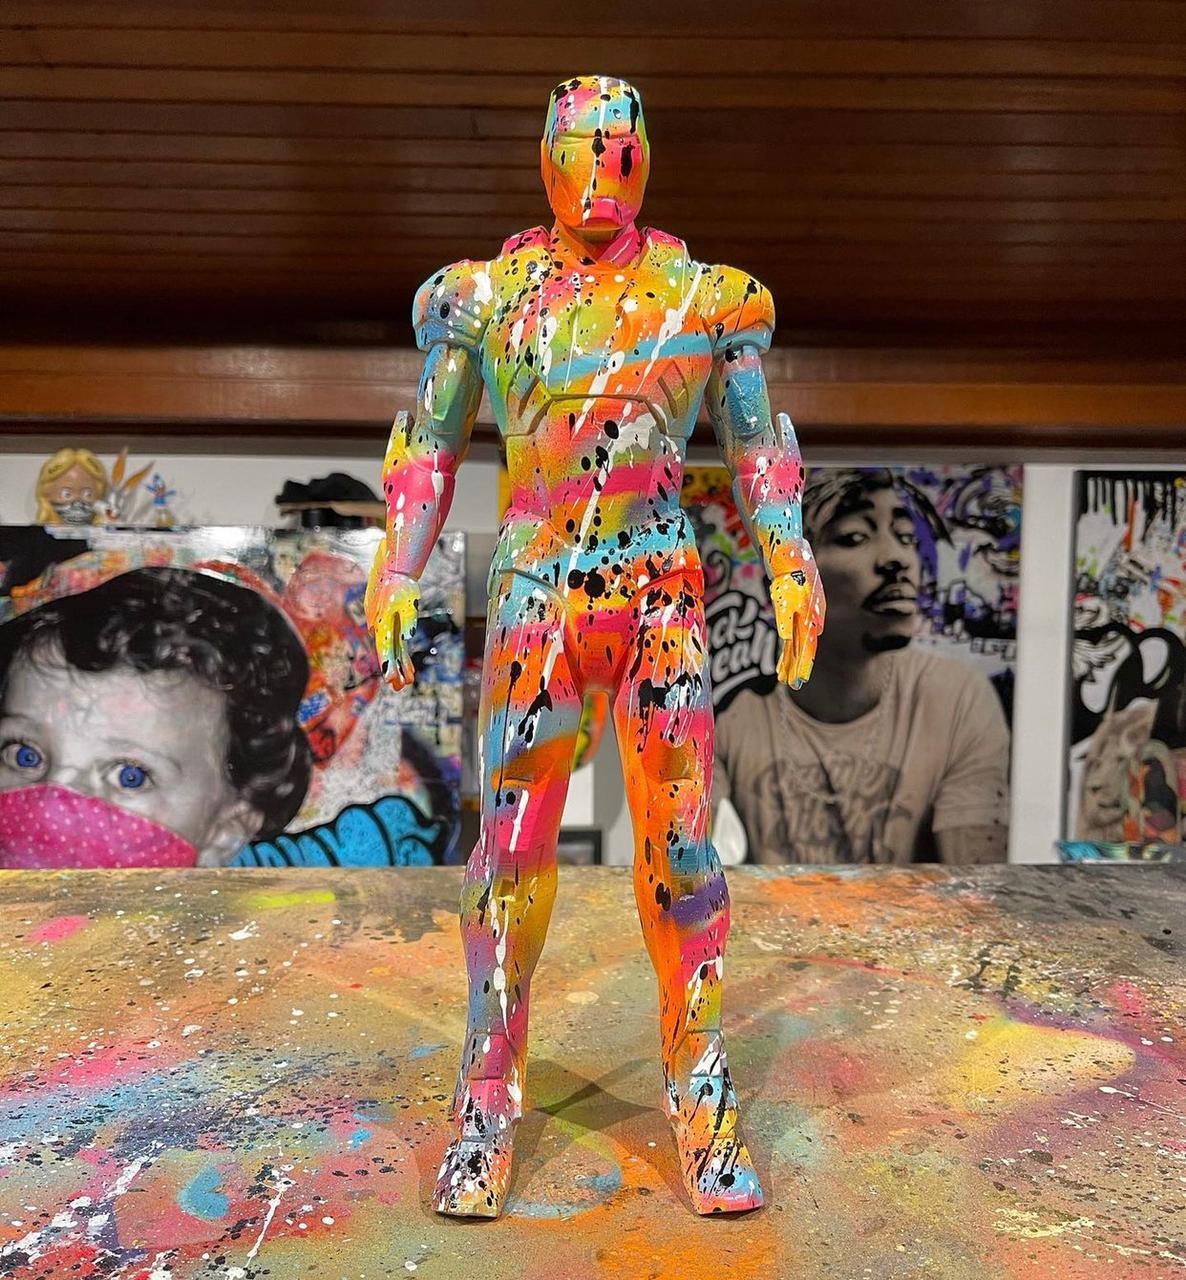 Estátua Homem de Ferro Iron Man Pop Art By Russ - EV